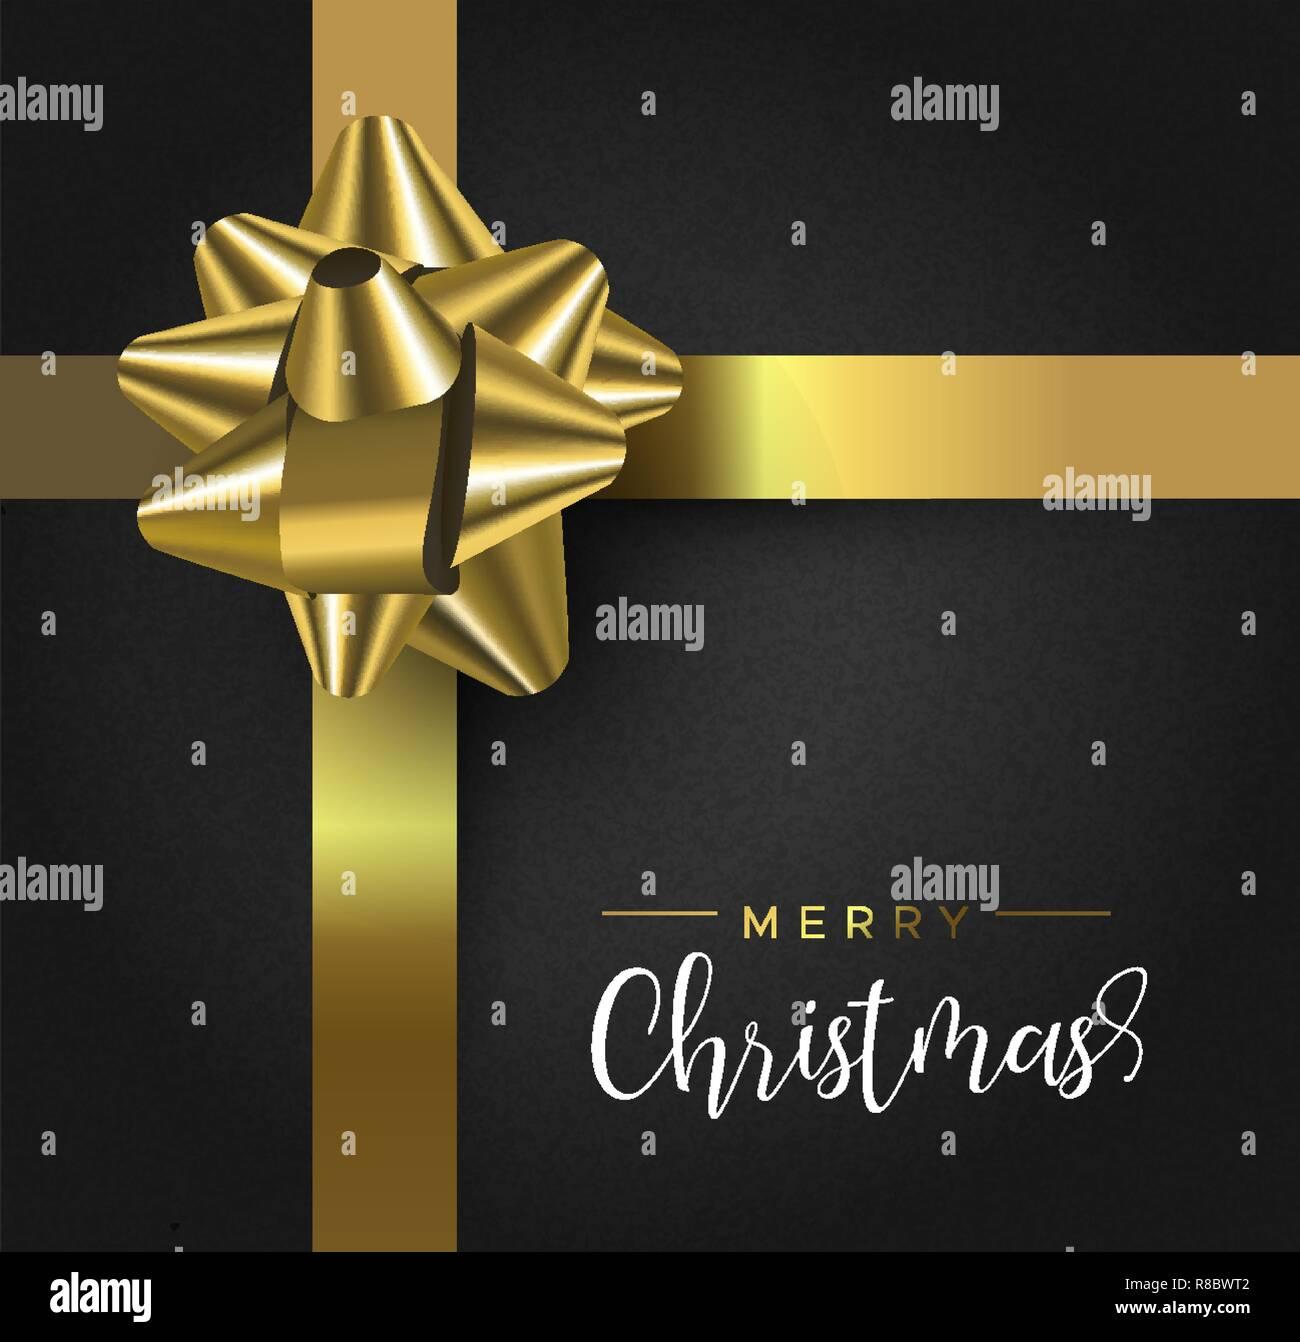 Geschenkband Frohe Weihnachten.Frohe Weihnachten Und Guten Rutsch Ins Neue Jahr Grusskarte